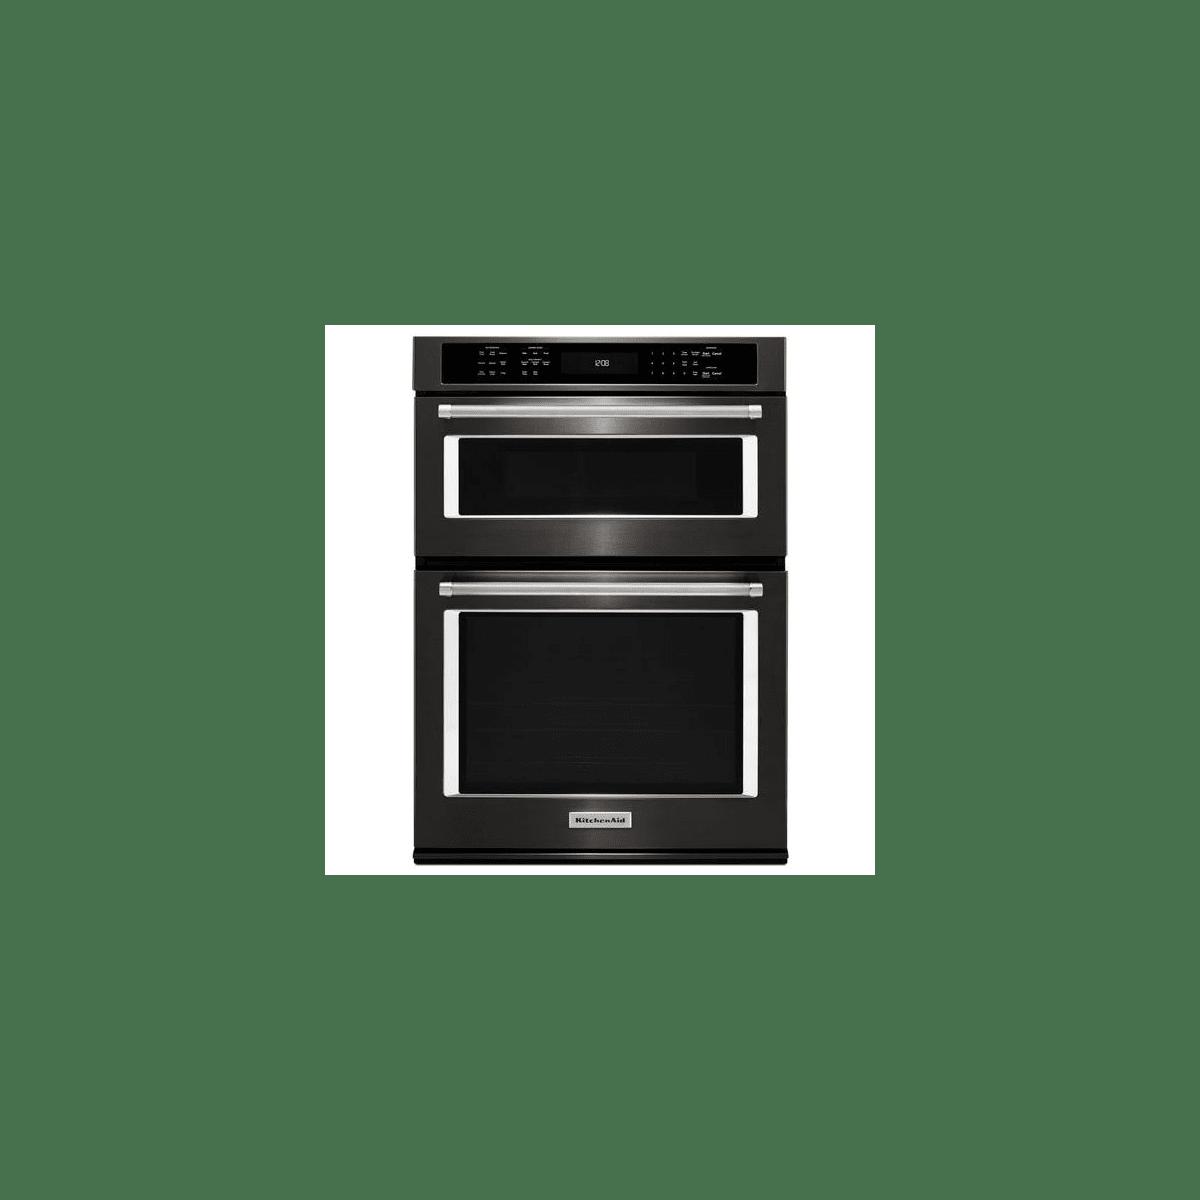 kitchenaid koce507ebs